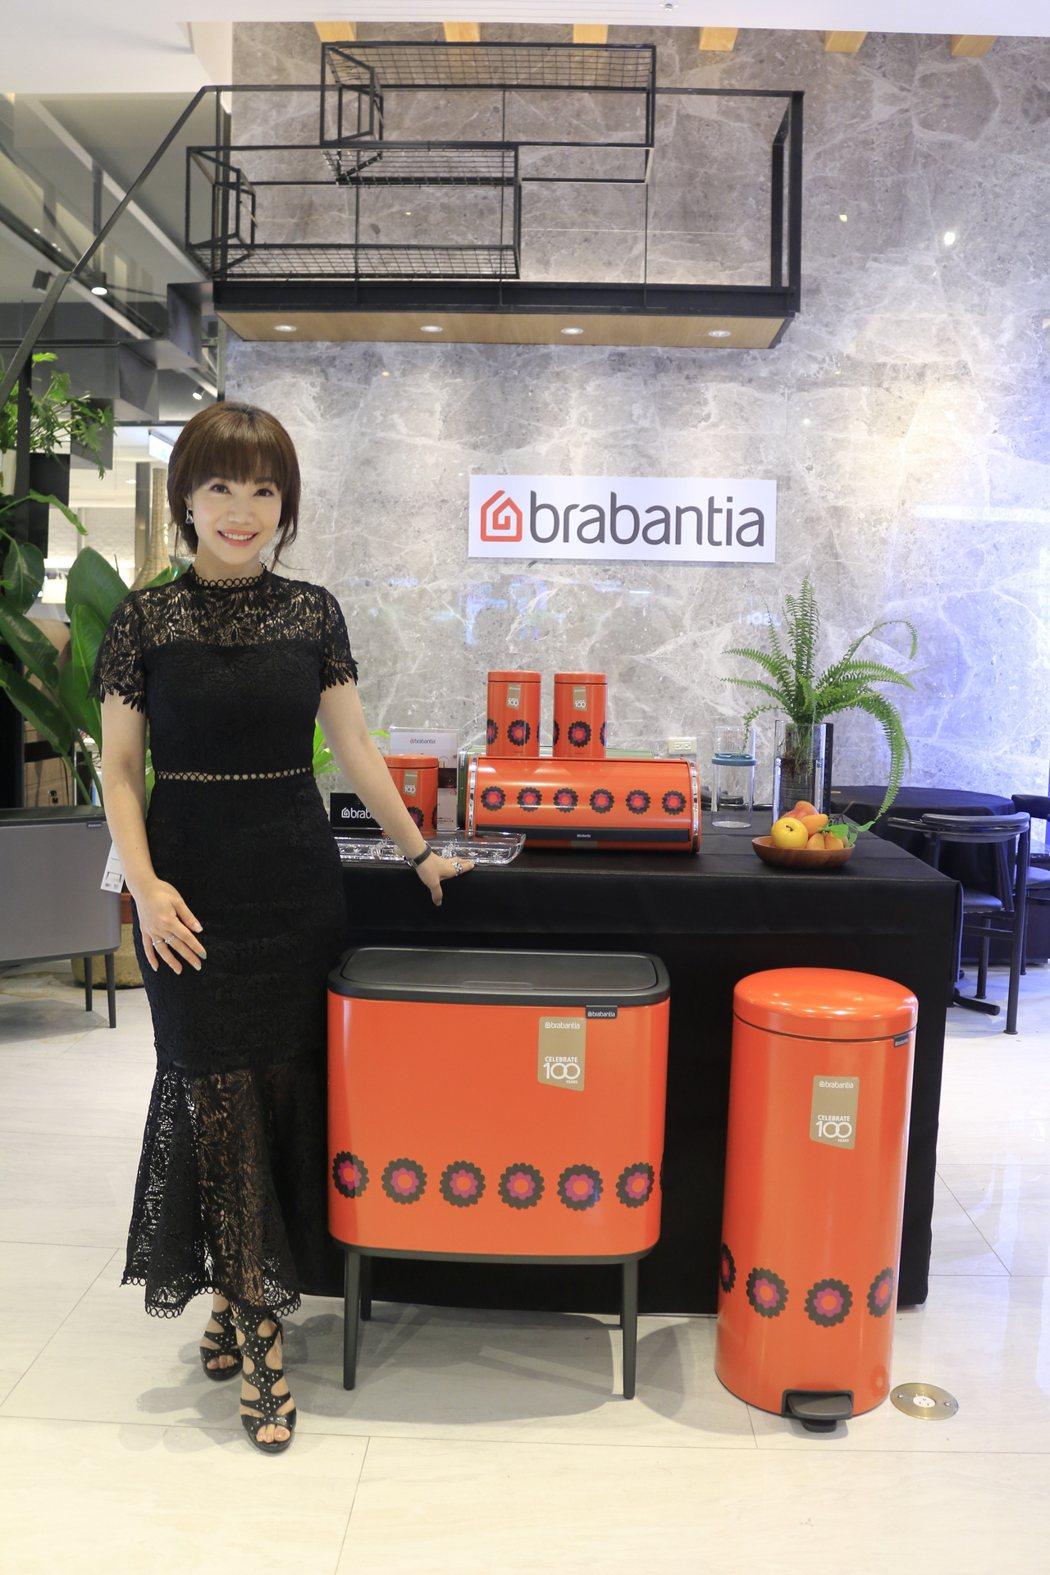 蕭彤雯今出席Brabantia荷蘭皇家精品慶祝品牌100周年活動。圖/旺代企業提